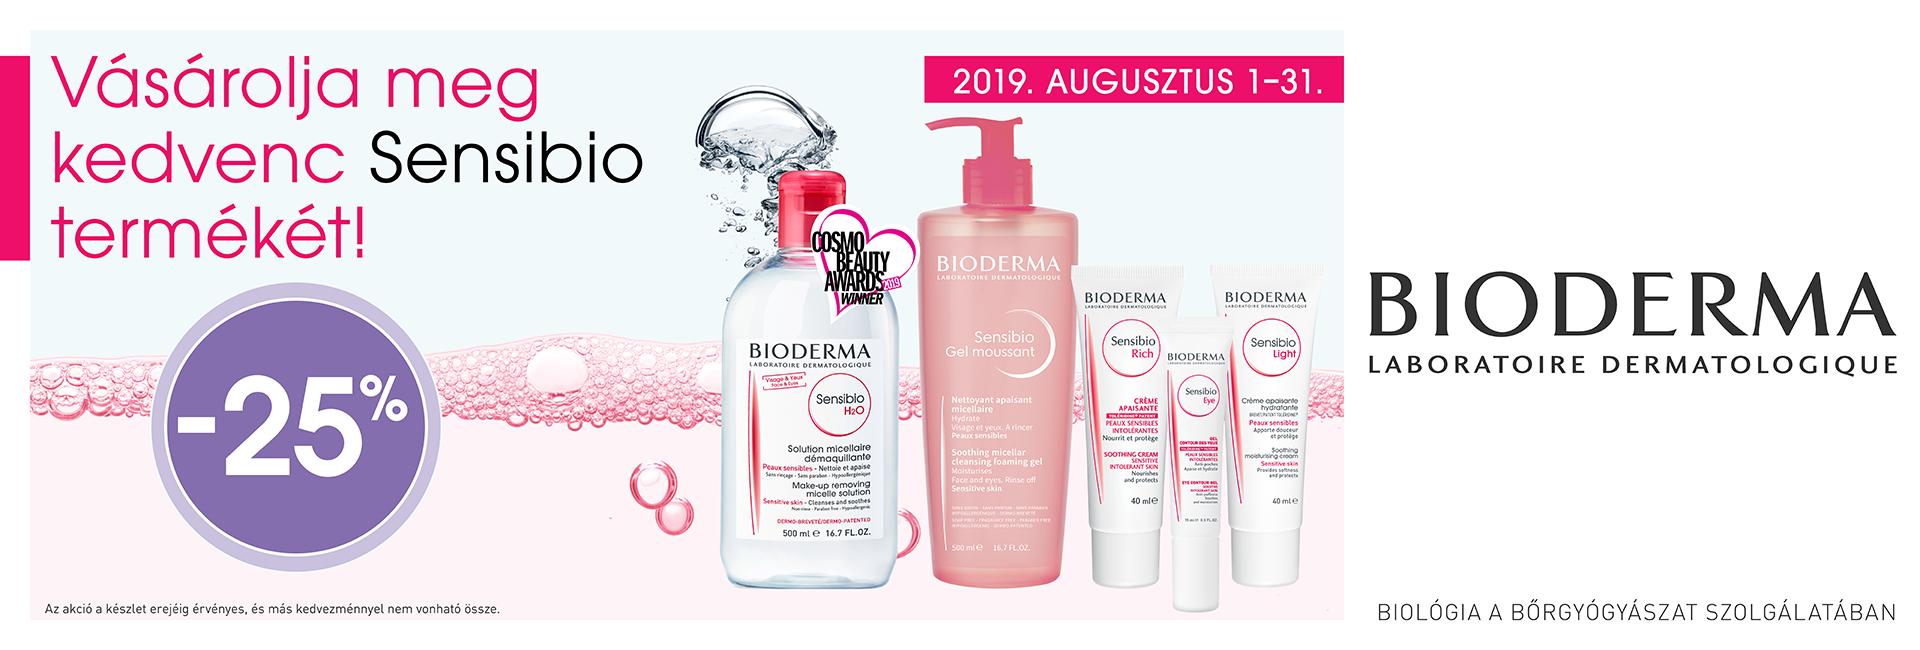 2019. augusztus 1-31. között minden Bioderma Sensibio terméket 25% kedvezménnyel kínálunk!